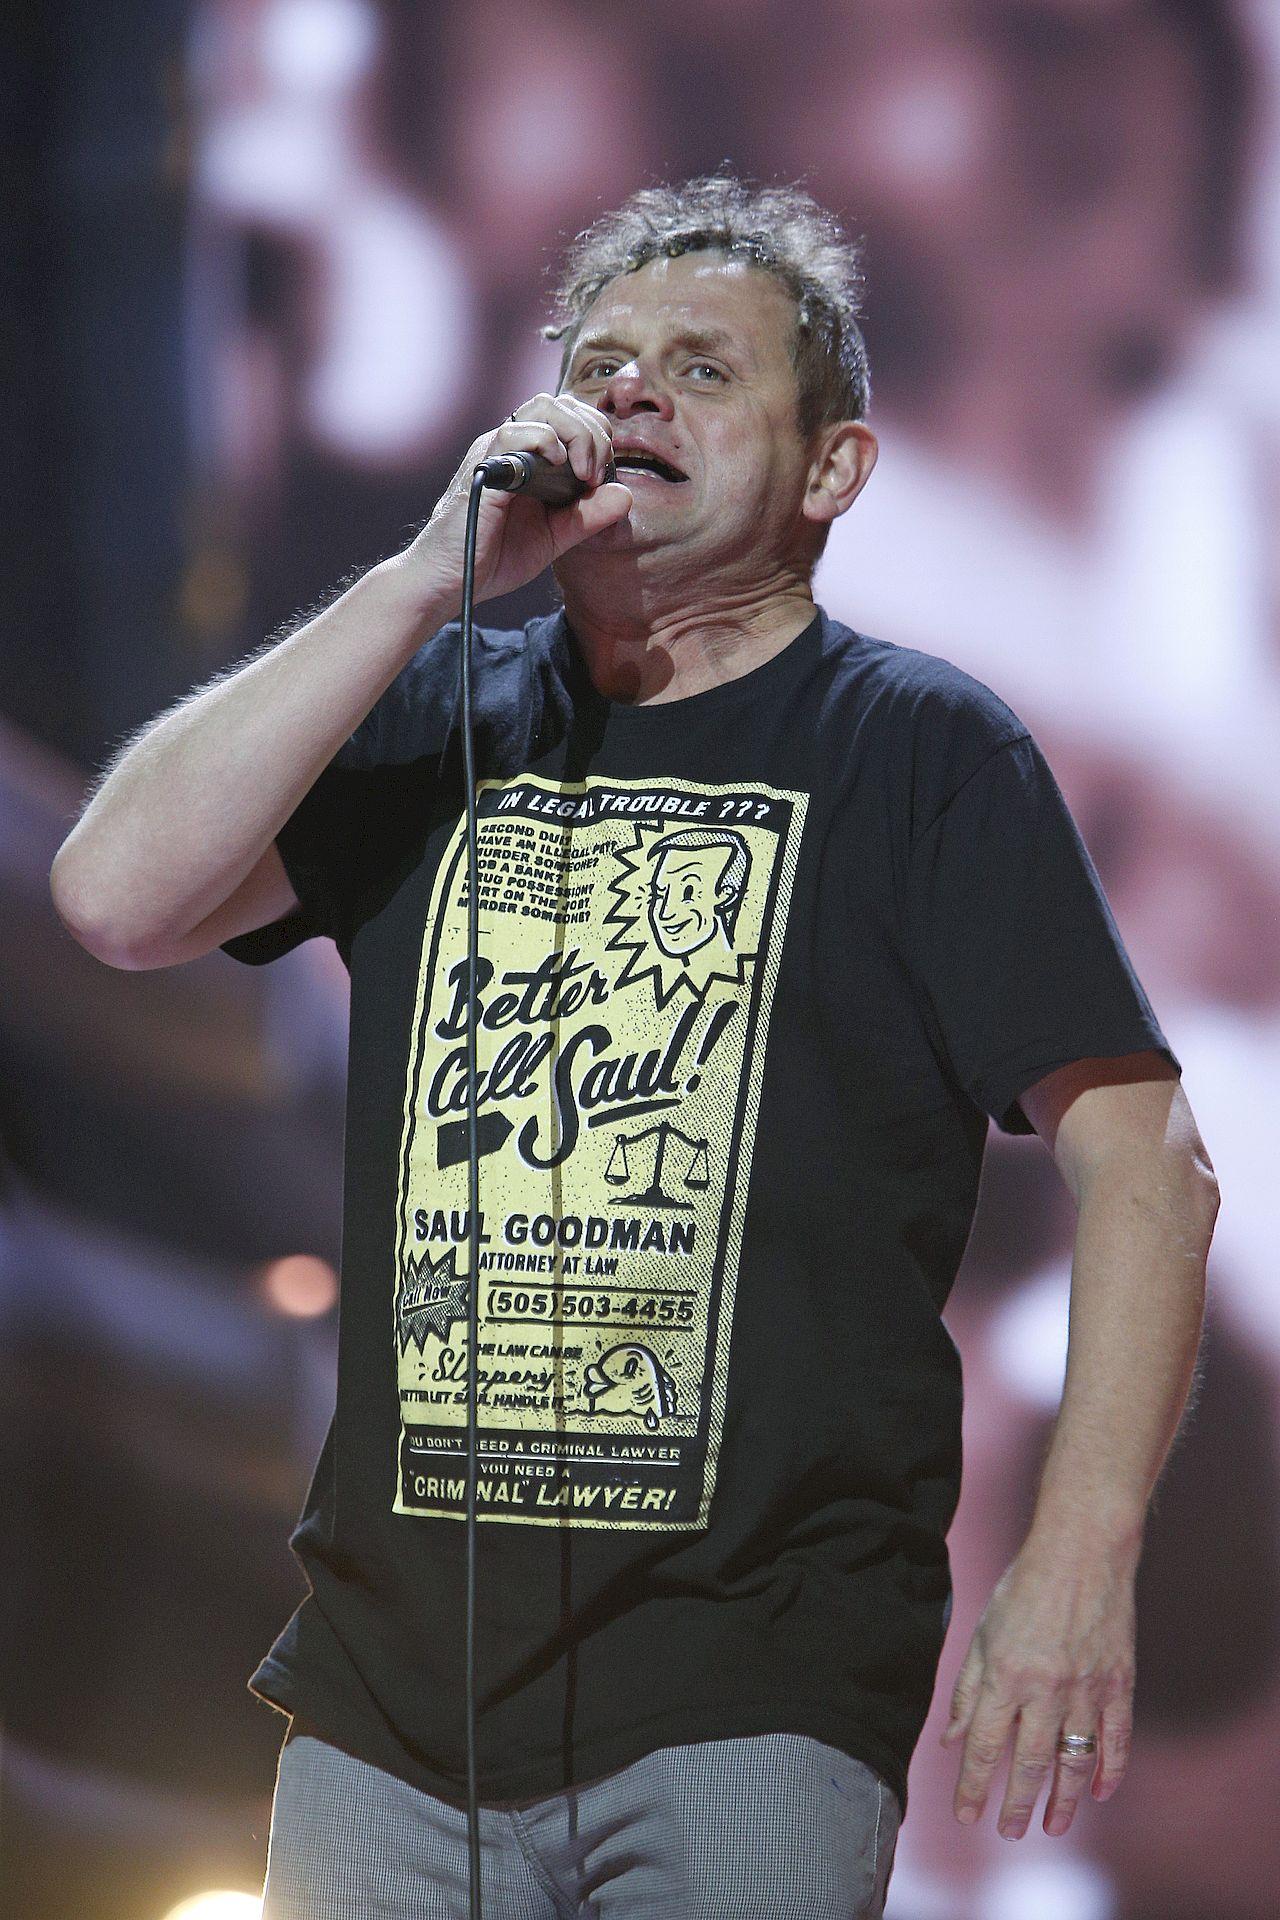 Kazik Staszewski nagrał utwór, w którym krytykuje Jarosława Kaczyńskiego - piosenka została usunięta z listy przebojów Trójki.